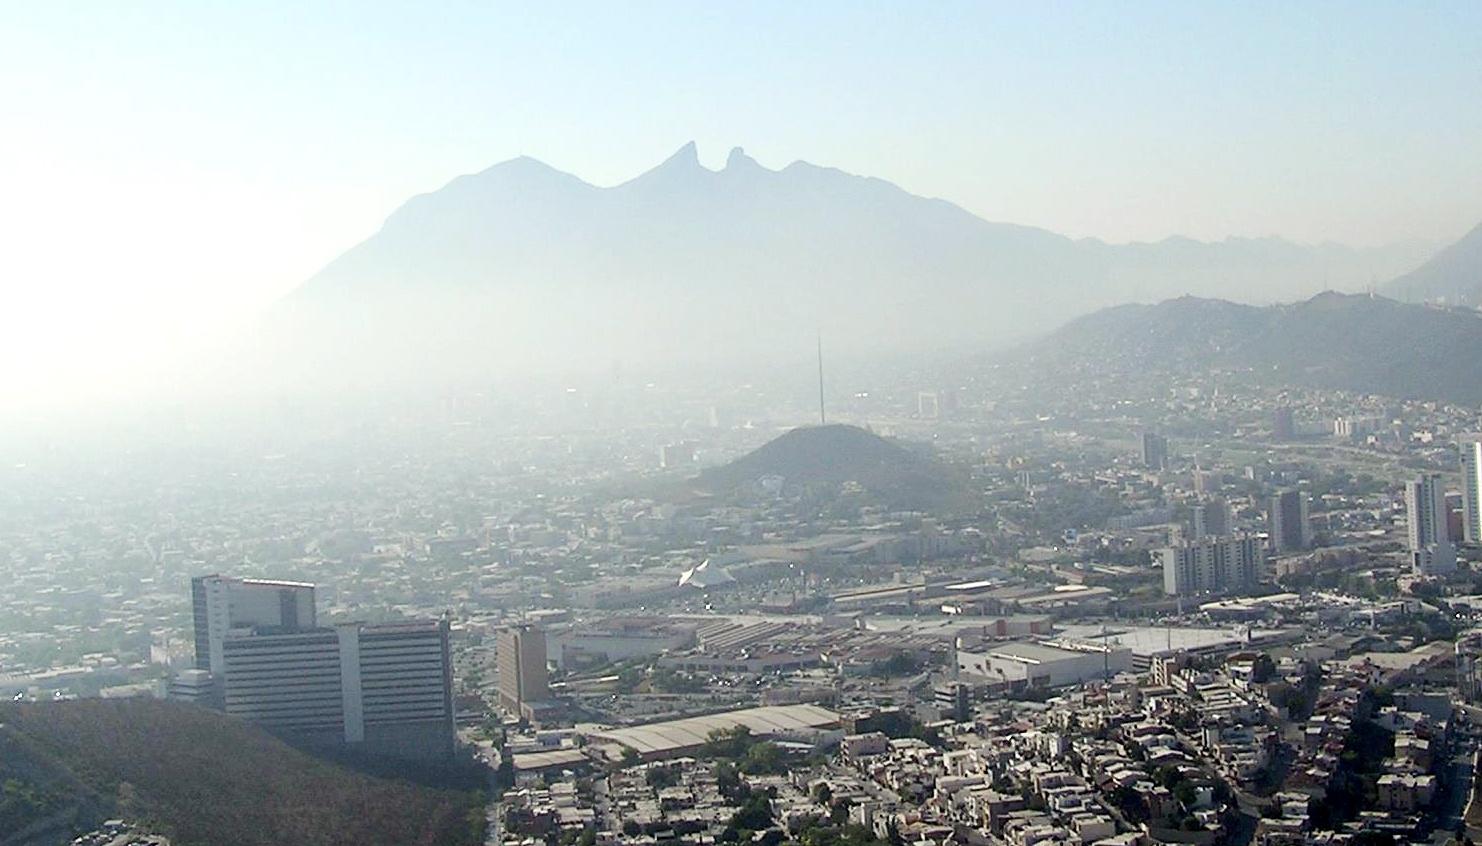 La contaminación del aire en MTY causada en parte por las industrias contaminantea